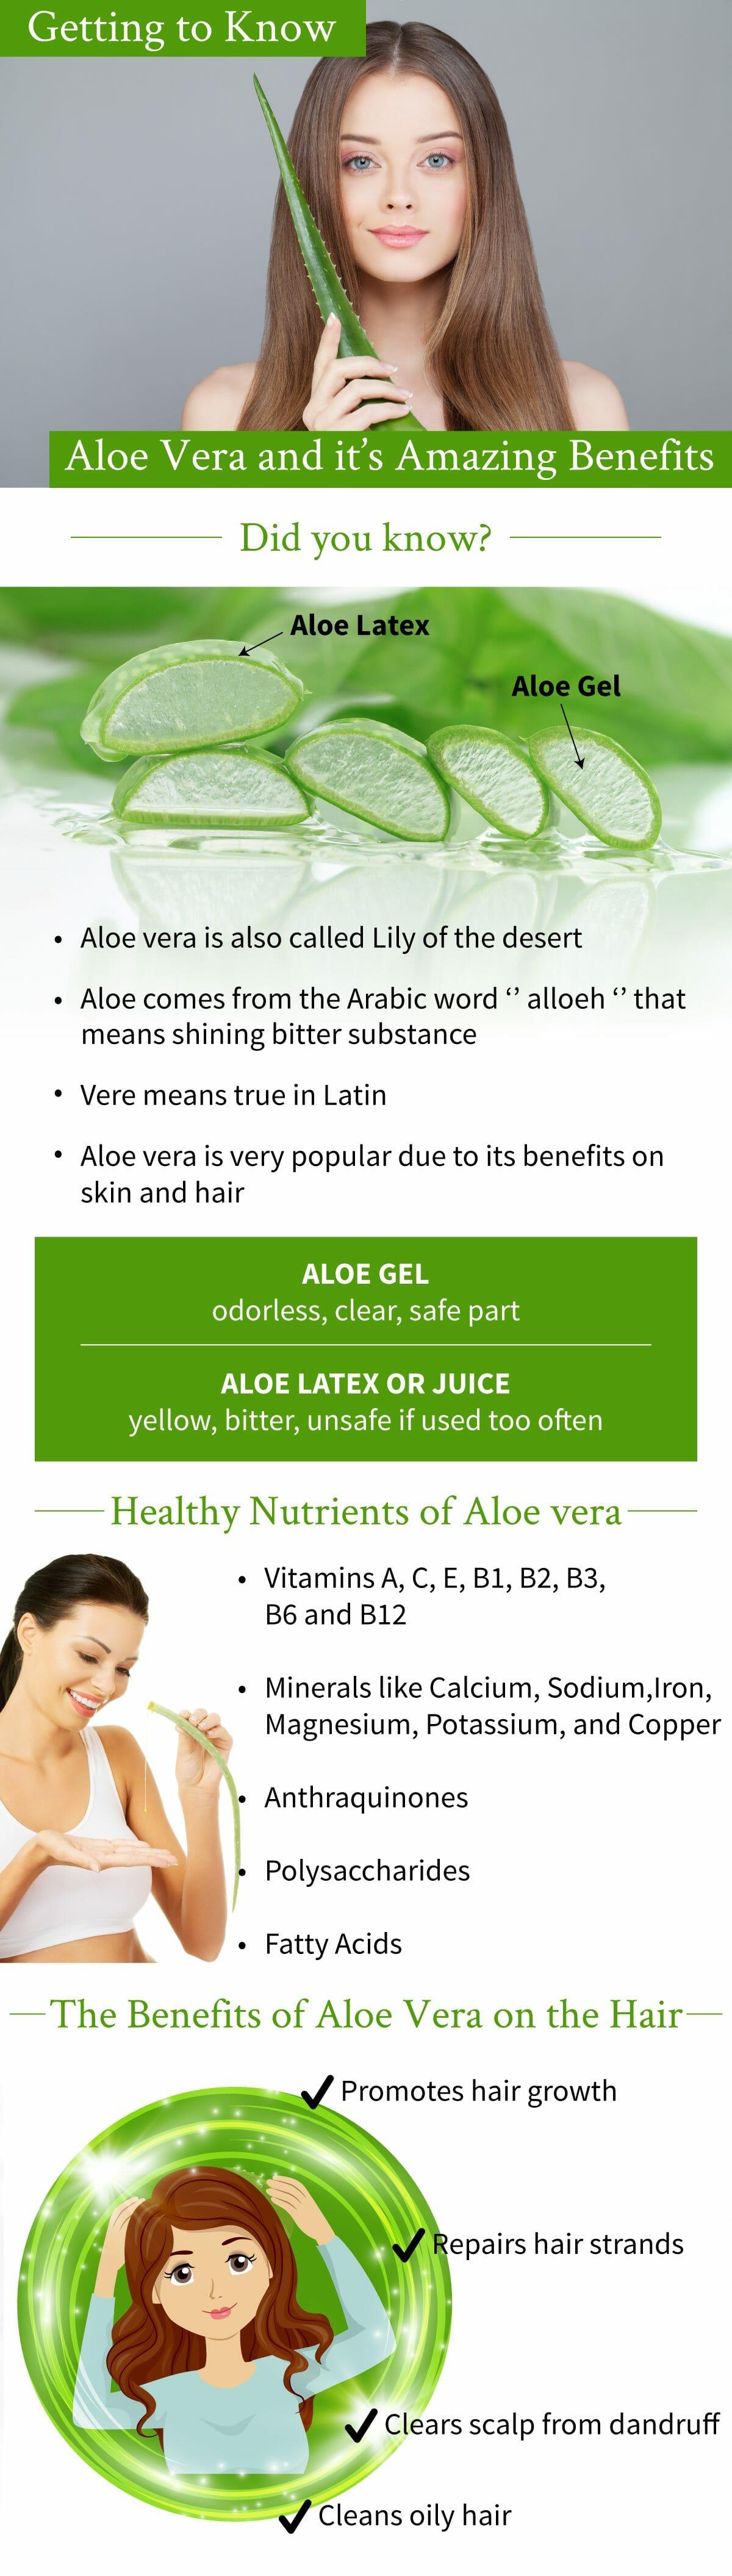 aloe vera's amazing benefits